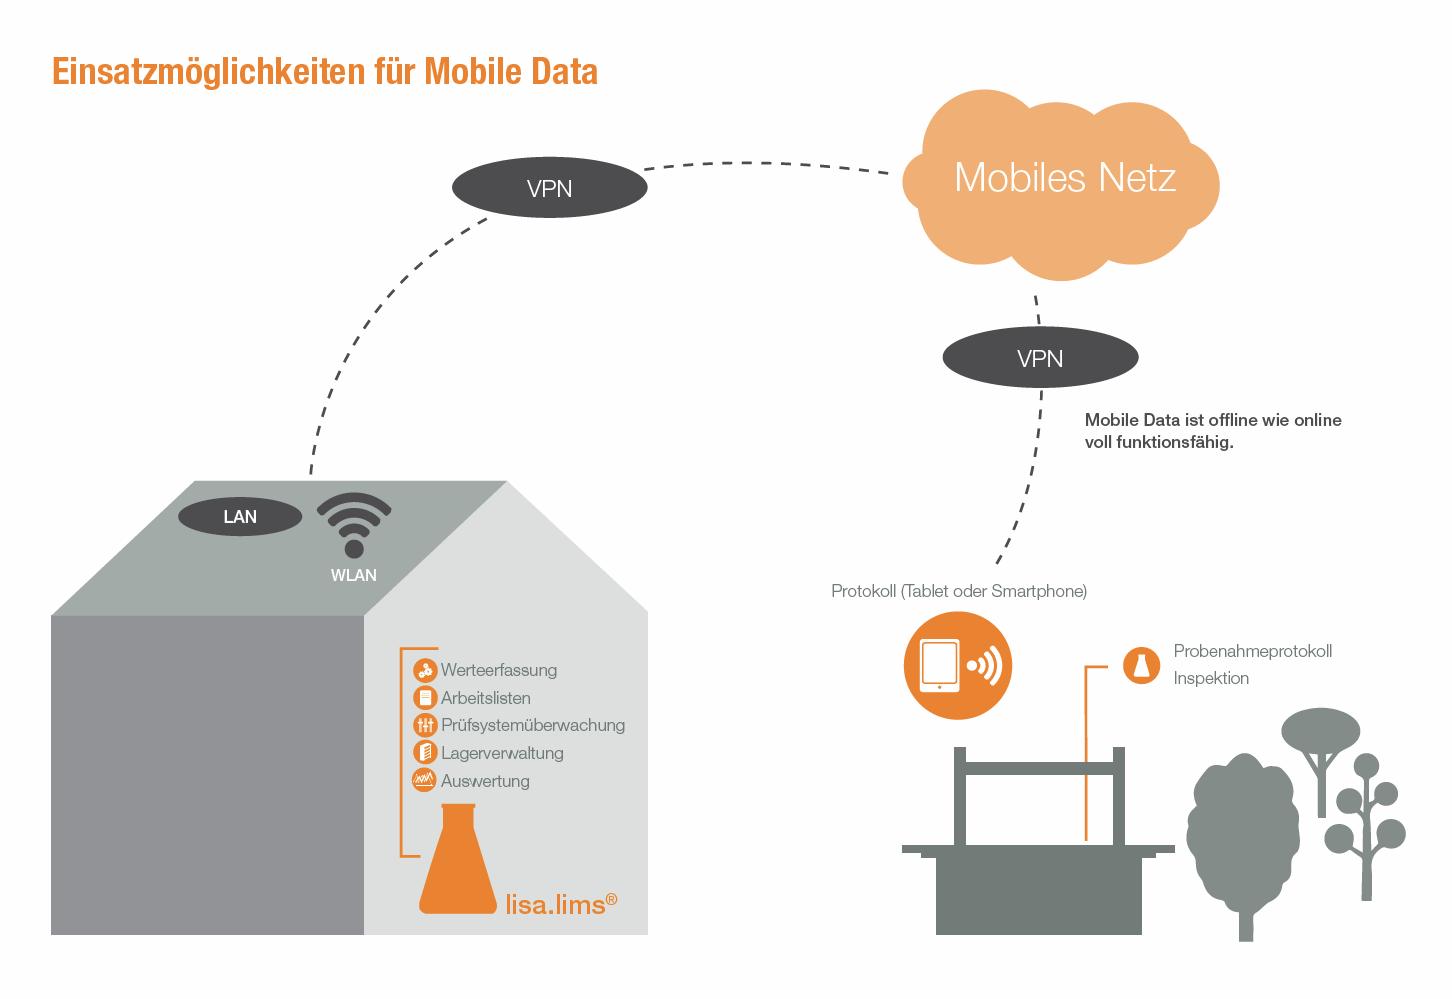 Einsatzmöglichkeiten für Mobile Data